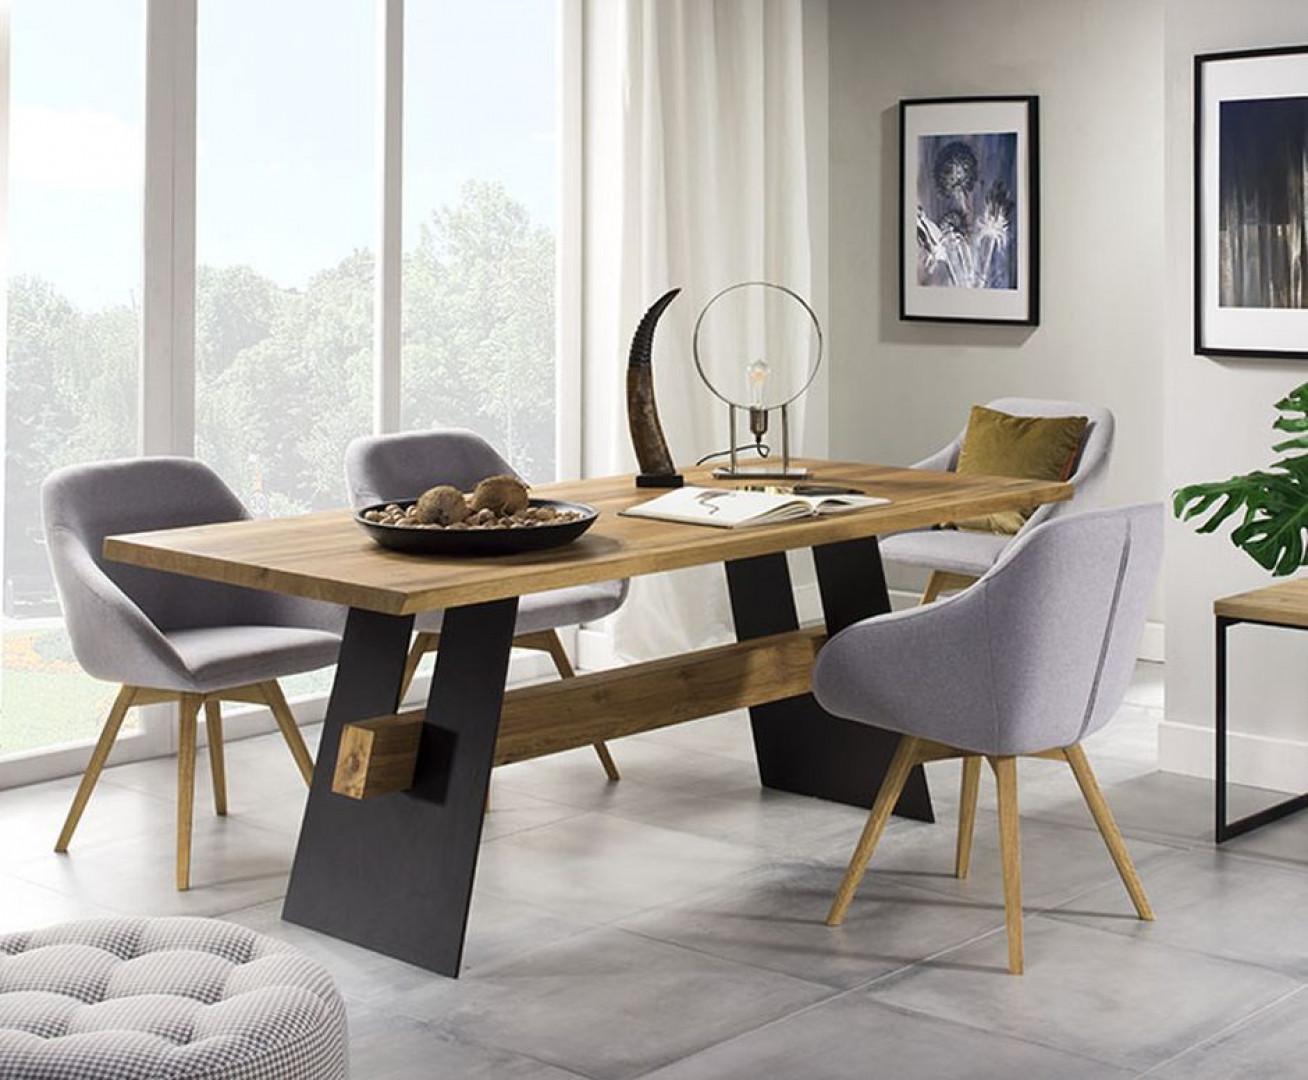 """Stół """"Moreno"""" firmy Meble Krysiak. Fot. Meble Krysiak"""